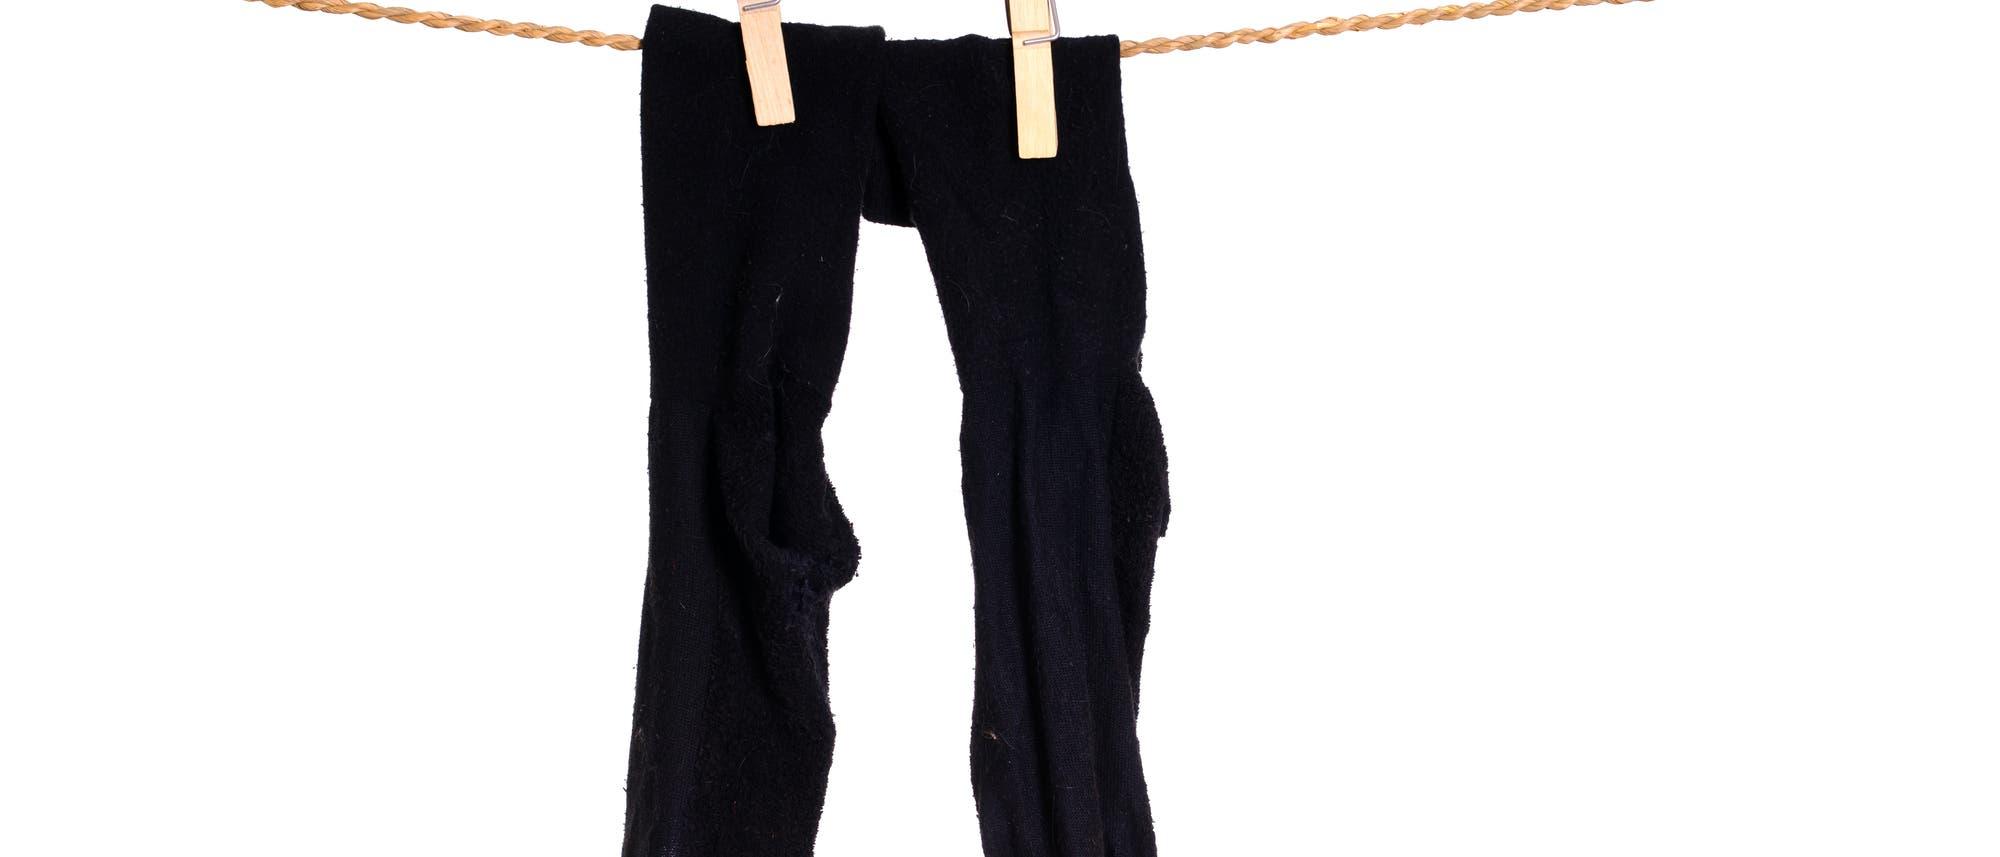 Nasse Socken auf der Wäscheleine